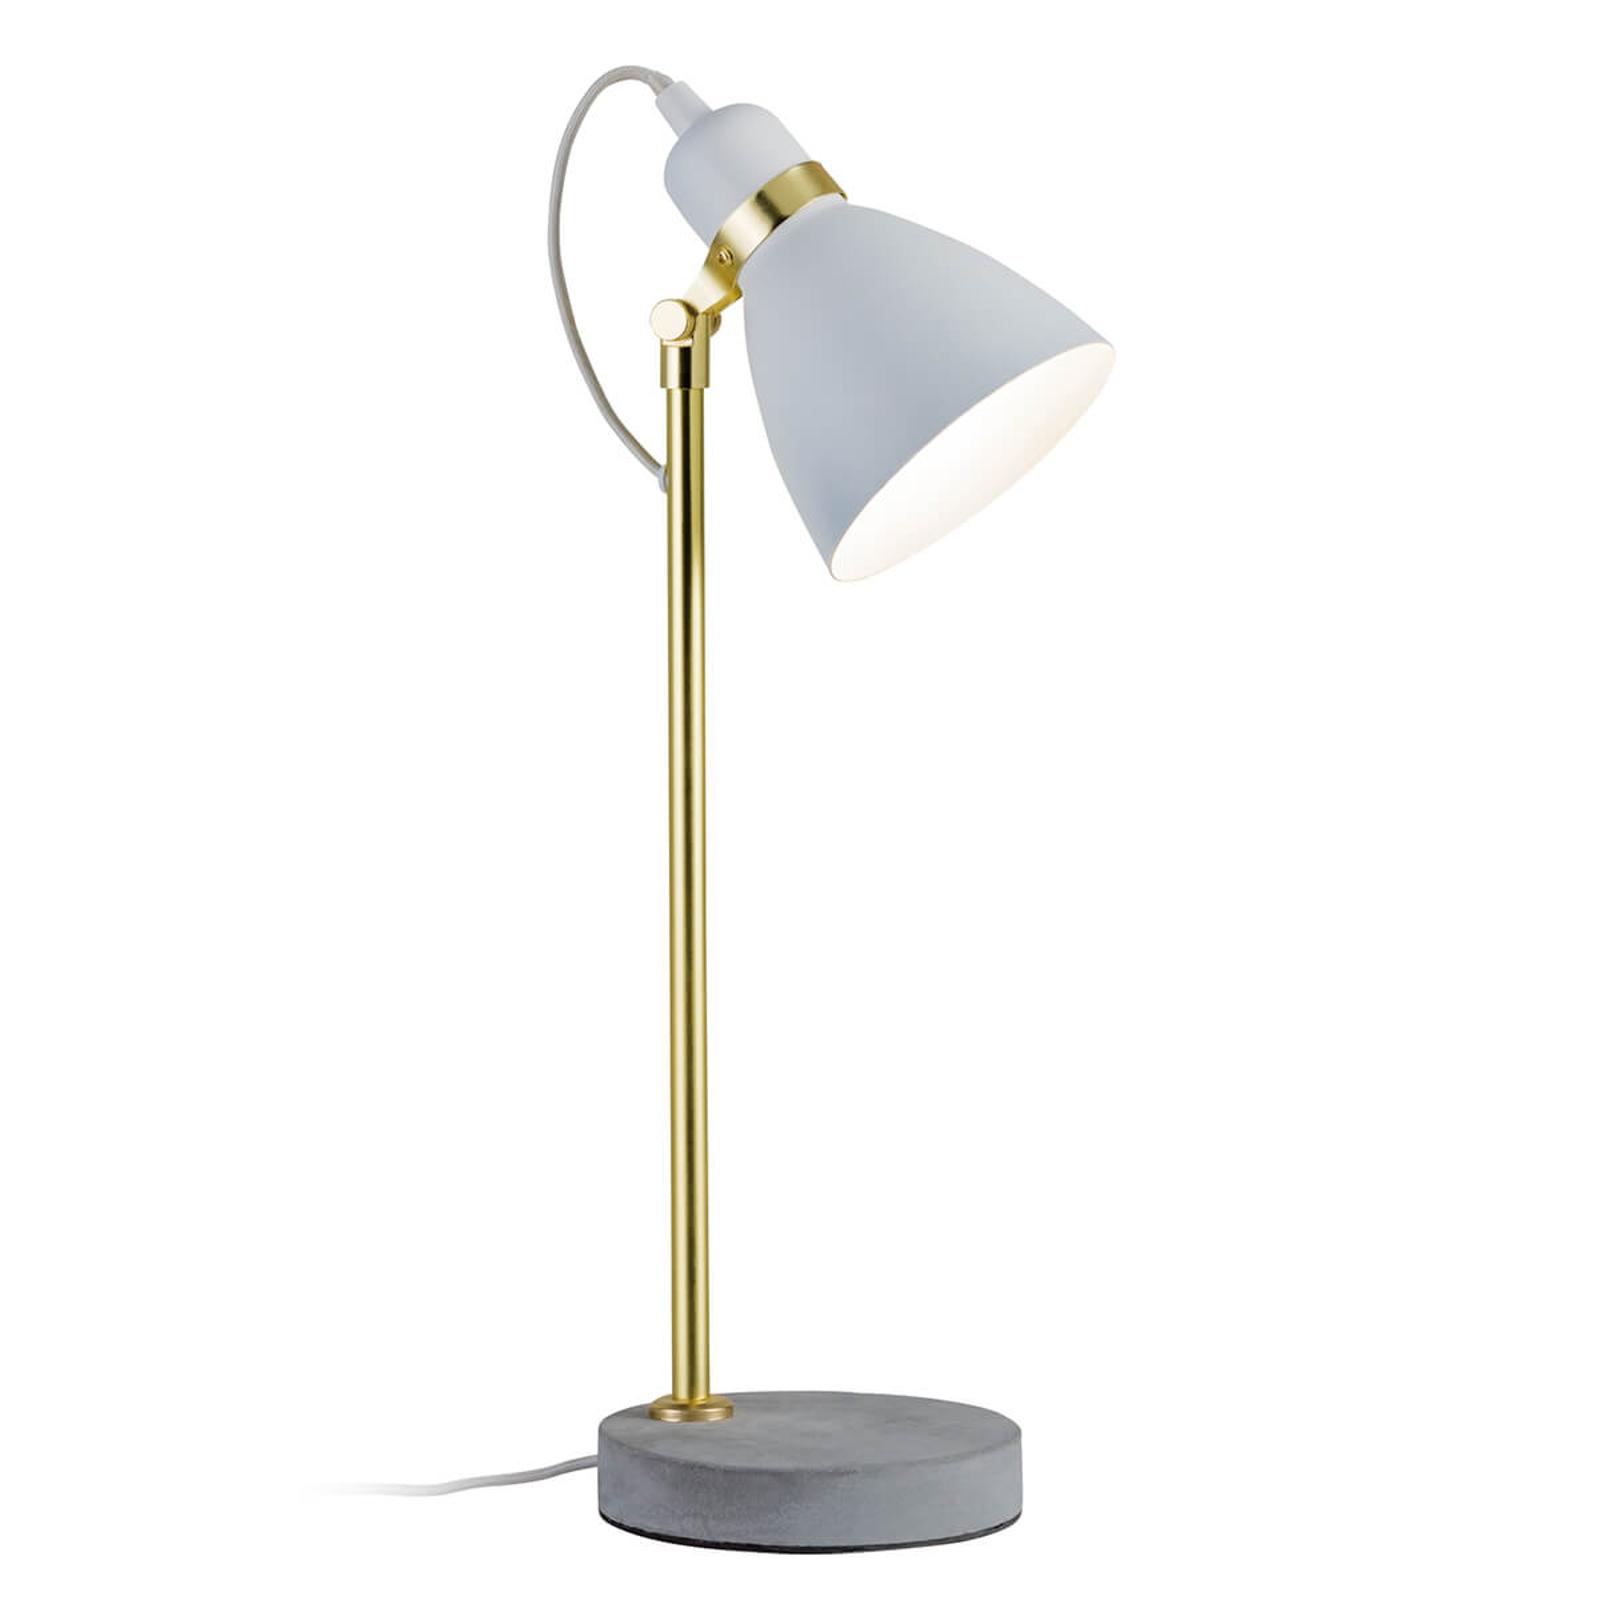 Paulmann Orm Tischlampe in Weiß-Gold